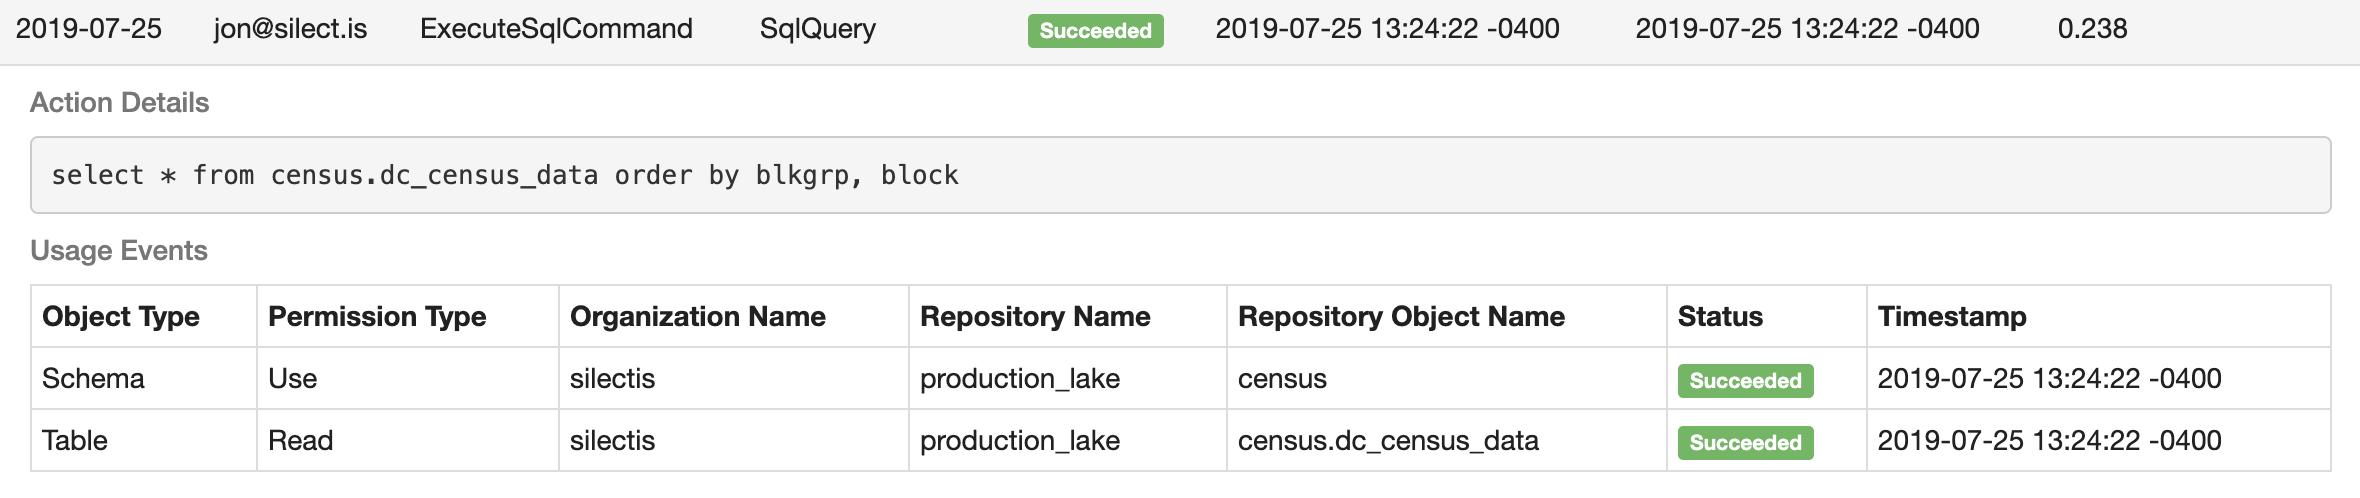 SQL Query Audit